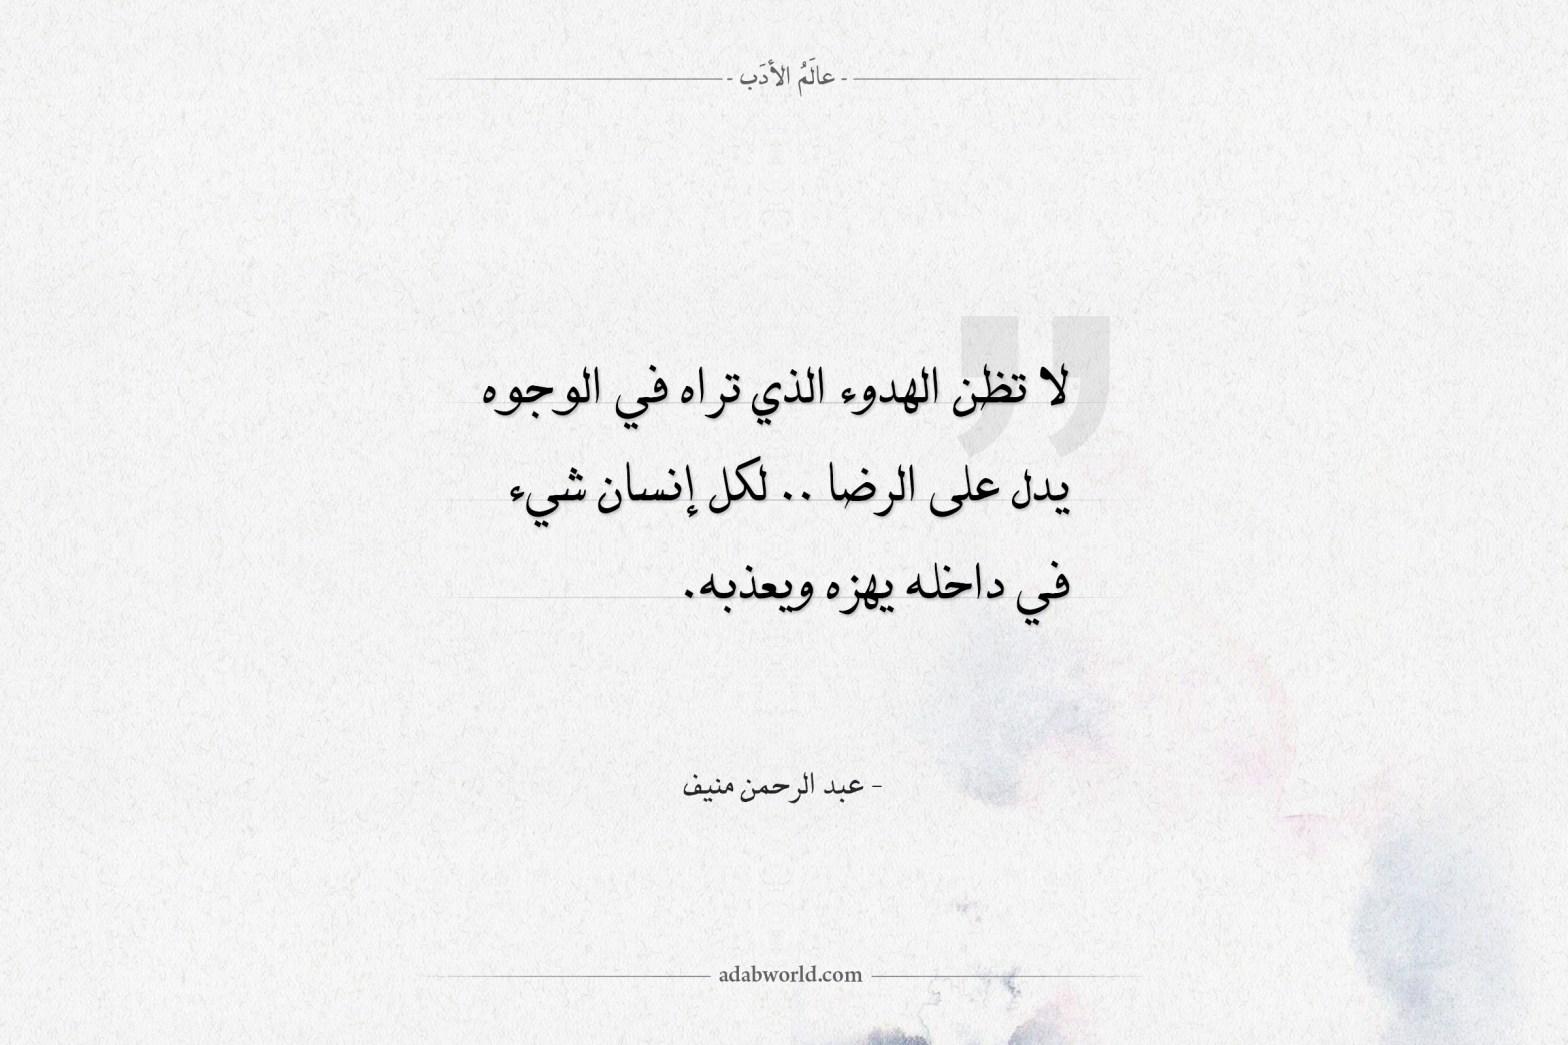 اقتباسات عبد الرحمن منيف - لكل انسان شيء في داخله